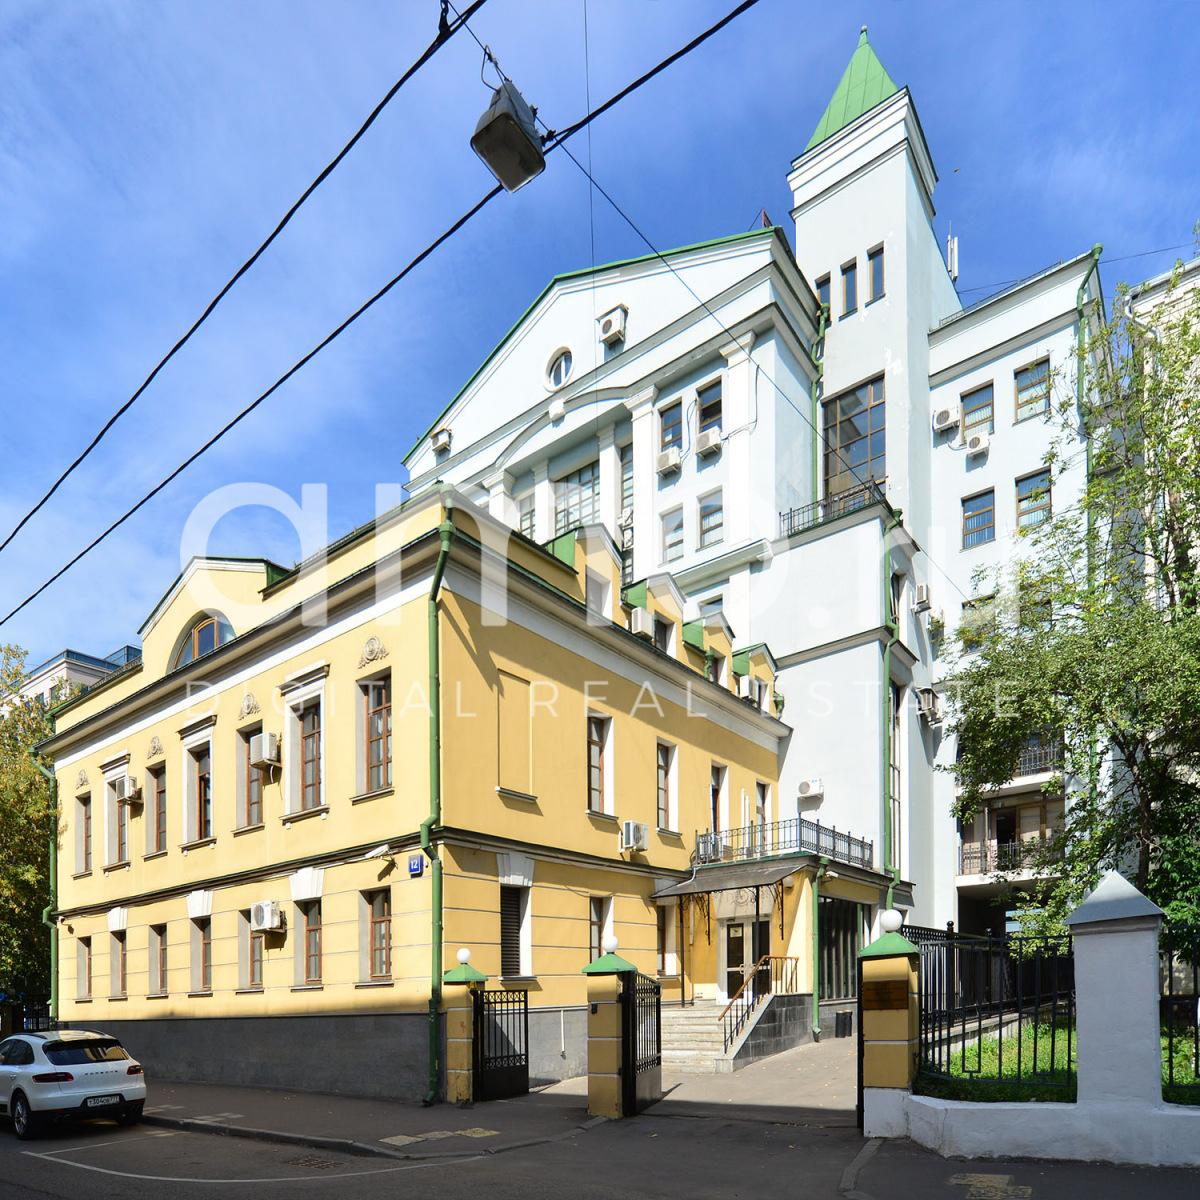 Аренда офисов от собственника Гончарный проезд коммерческая недвижимость г.сергиев п